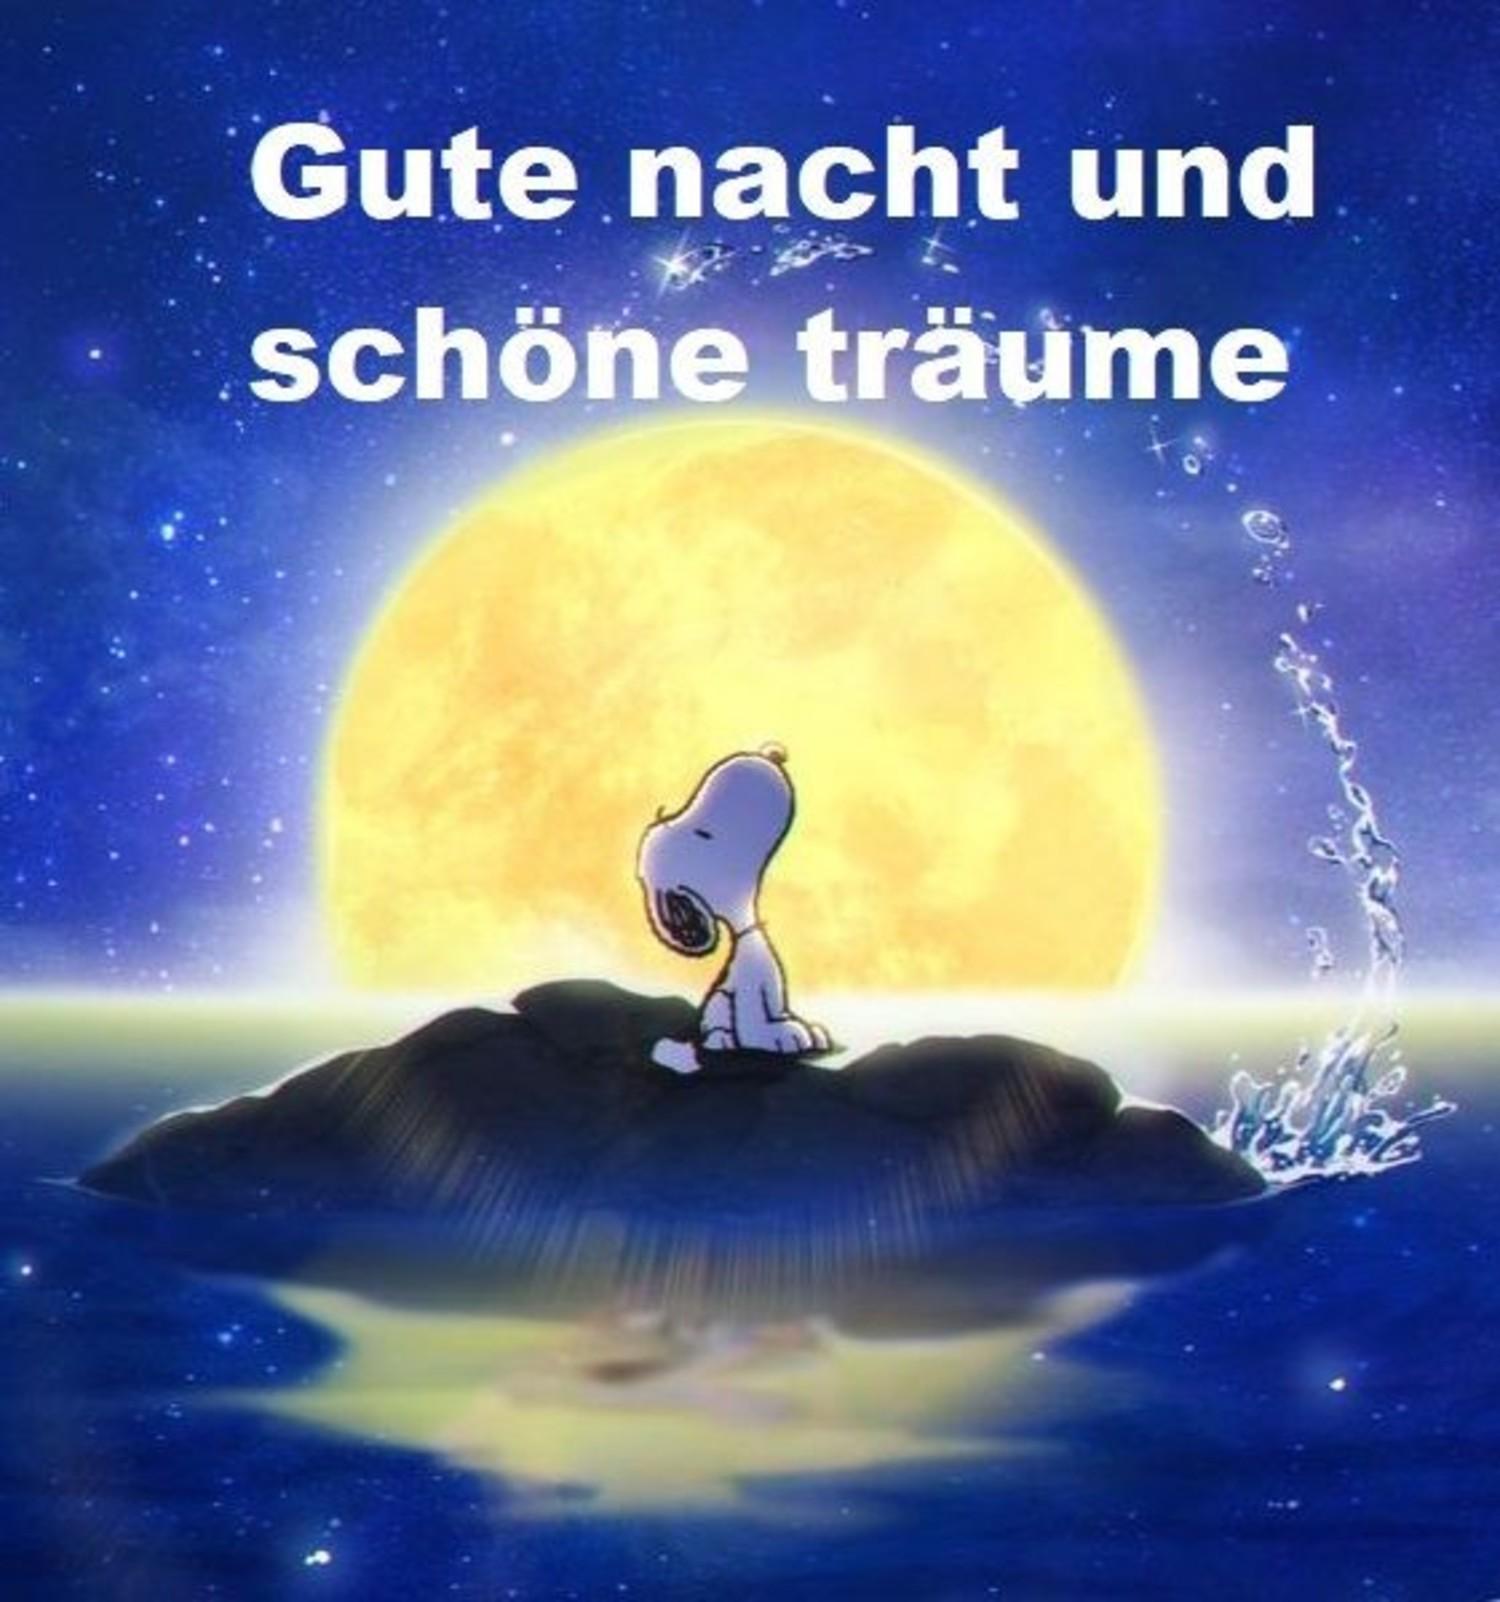 Gute Nacht Pinterest - GBPicsBilder.com